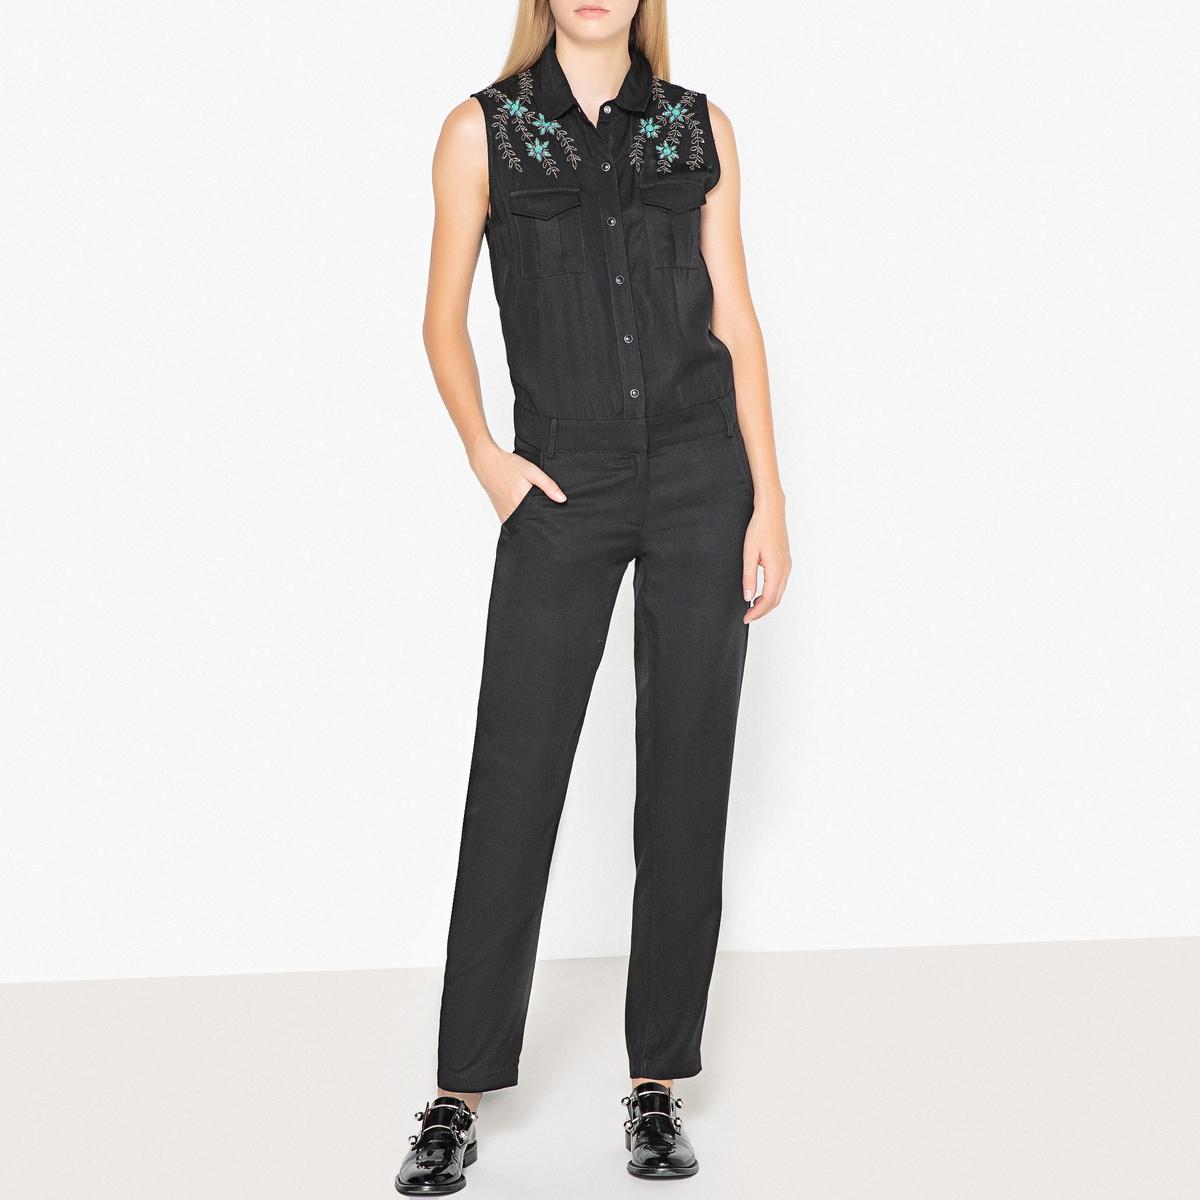 Комбинезон La Redoute С вышивкой без рукавов M черный цена